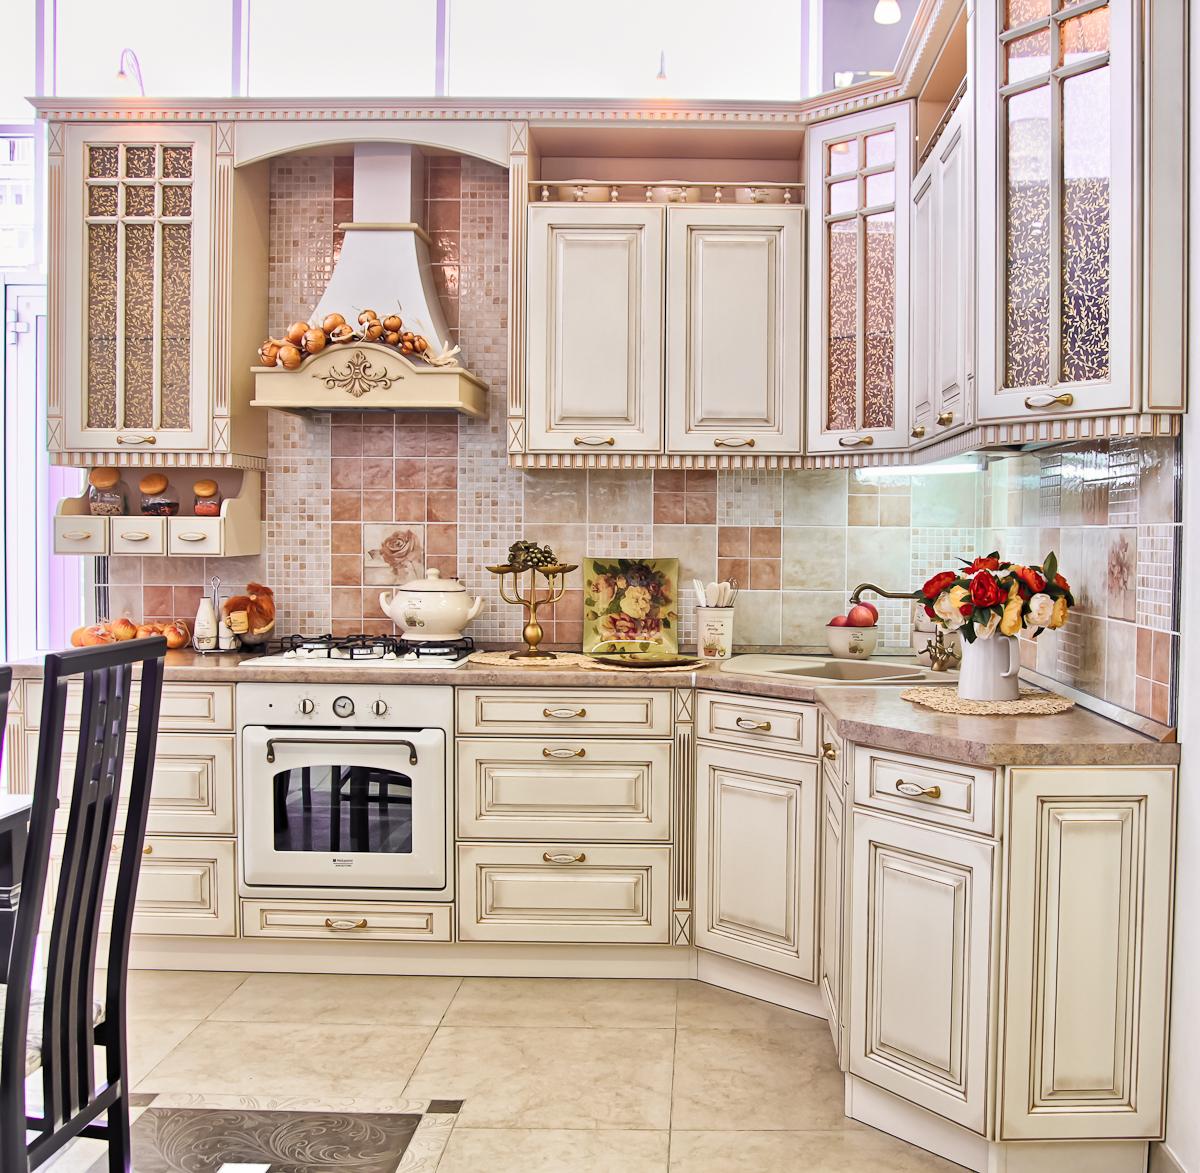 Небольшой угловой кухонный гарнитур в стиле кантри